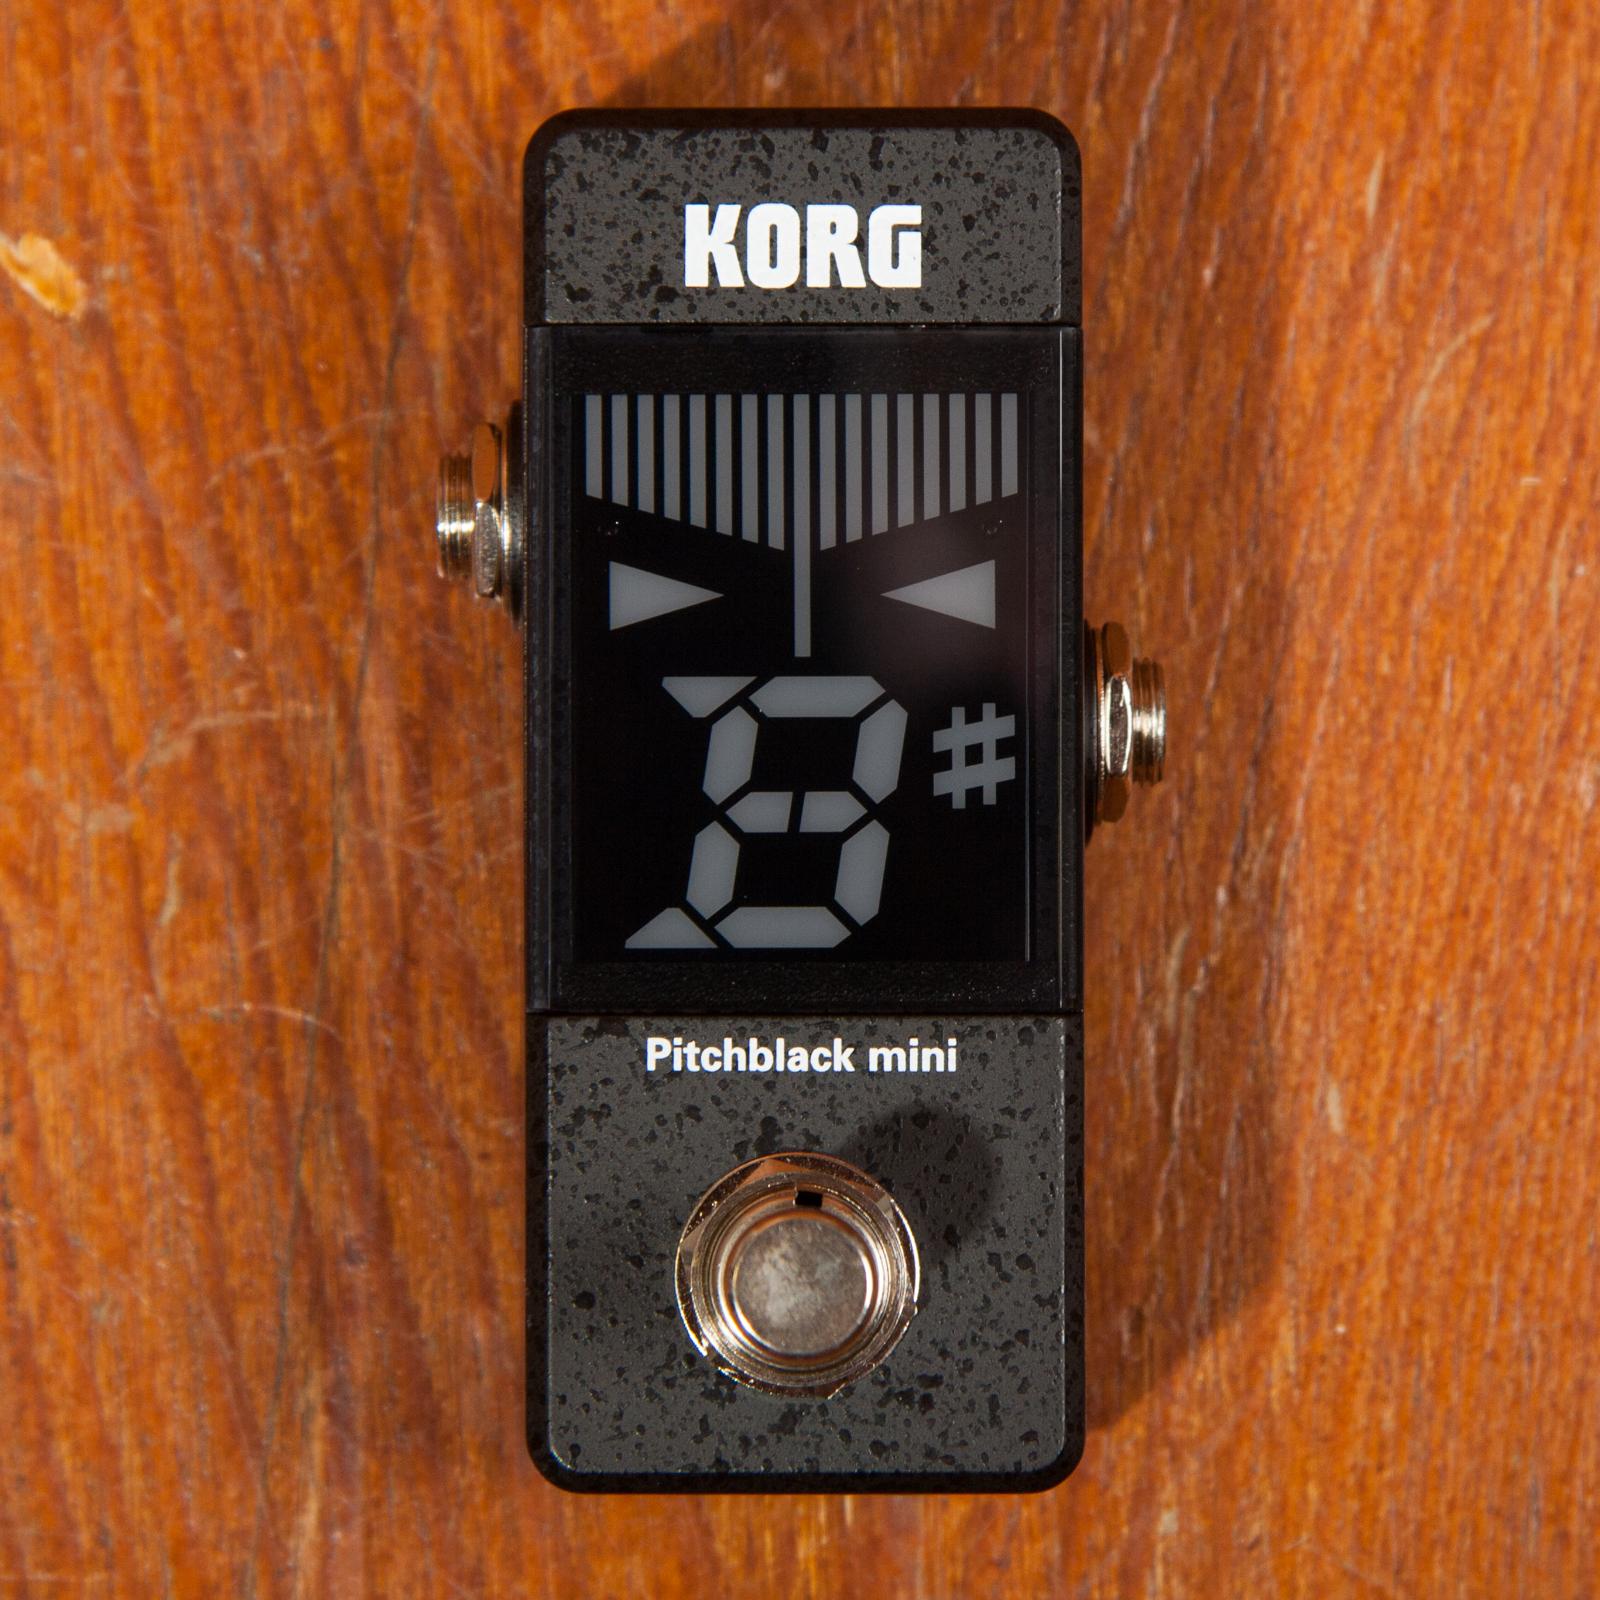 Korg PB-MINI Pitchblack Mini pedal tuner